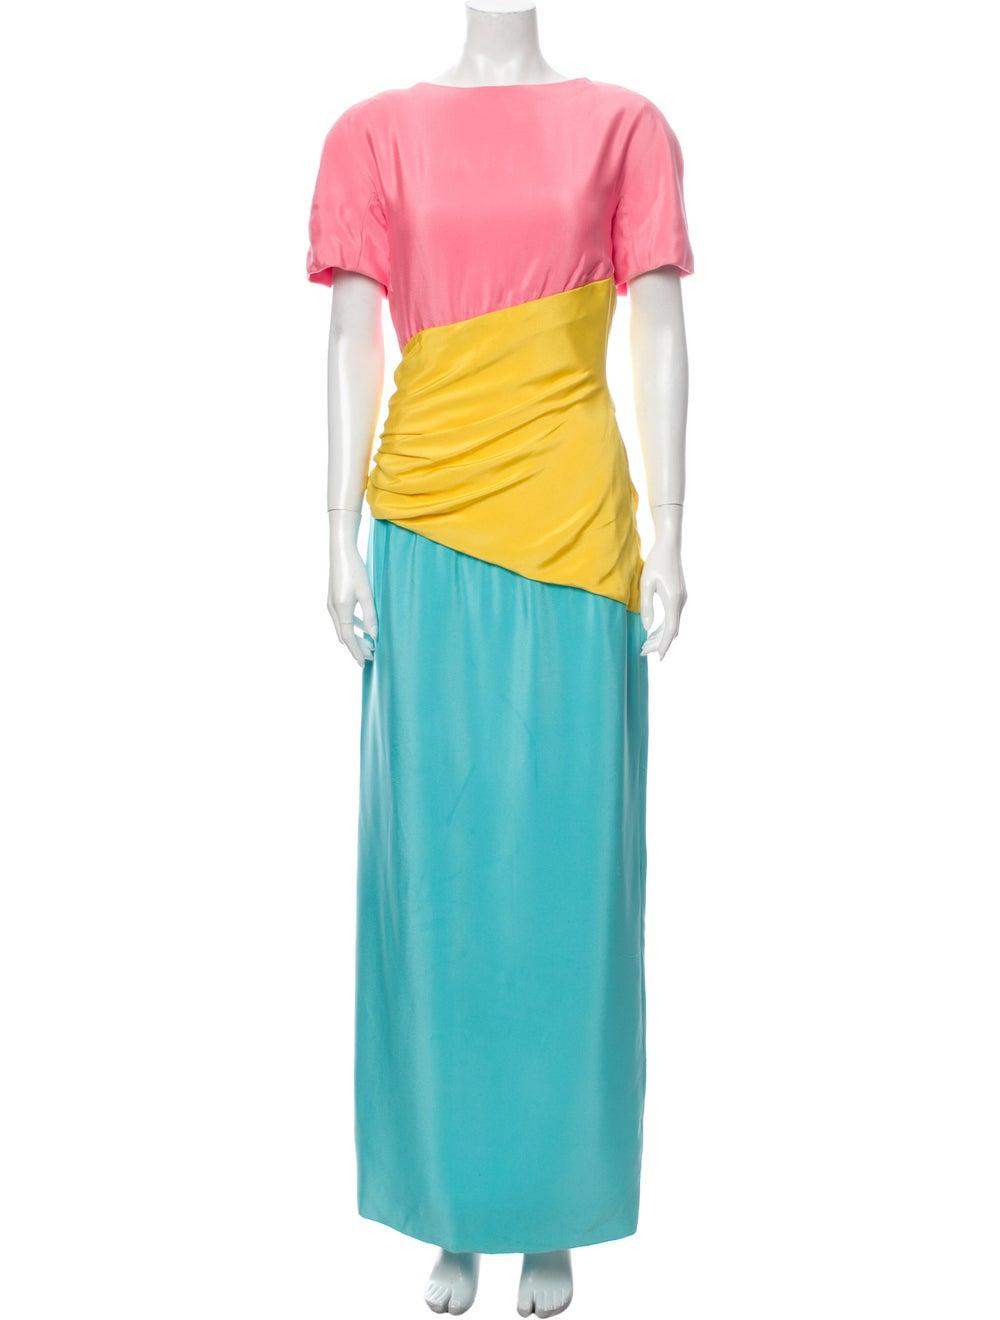 Arnold Scaasi Vintage Long Dress Pink - image 1